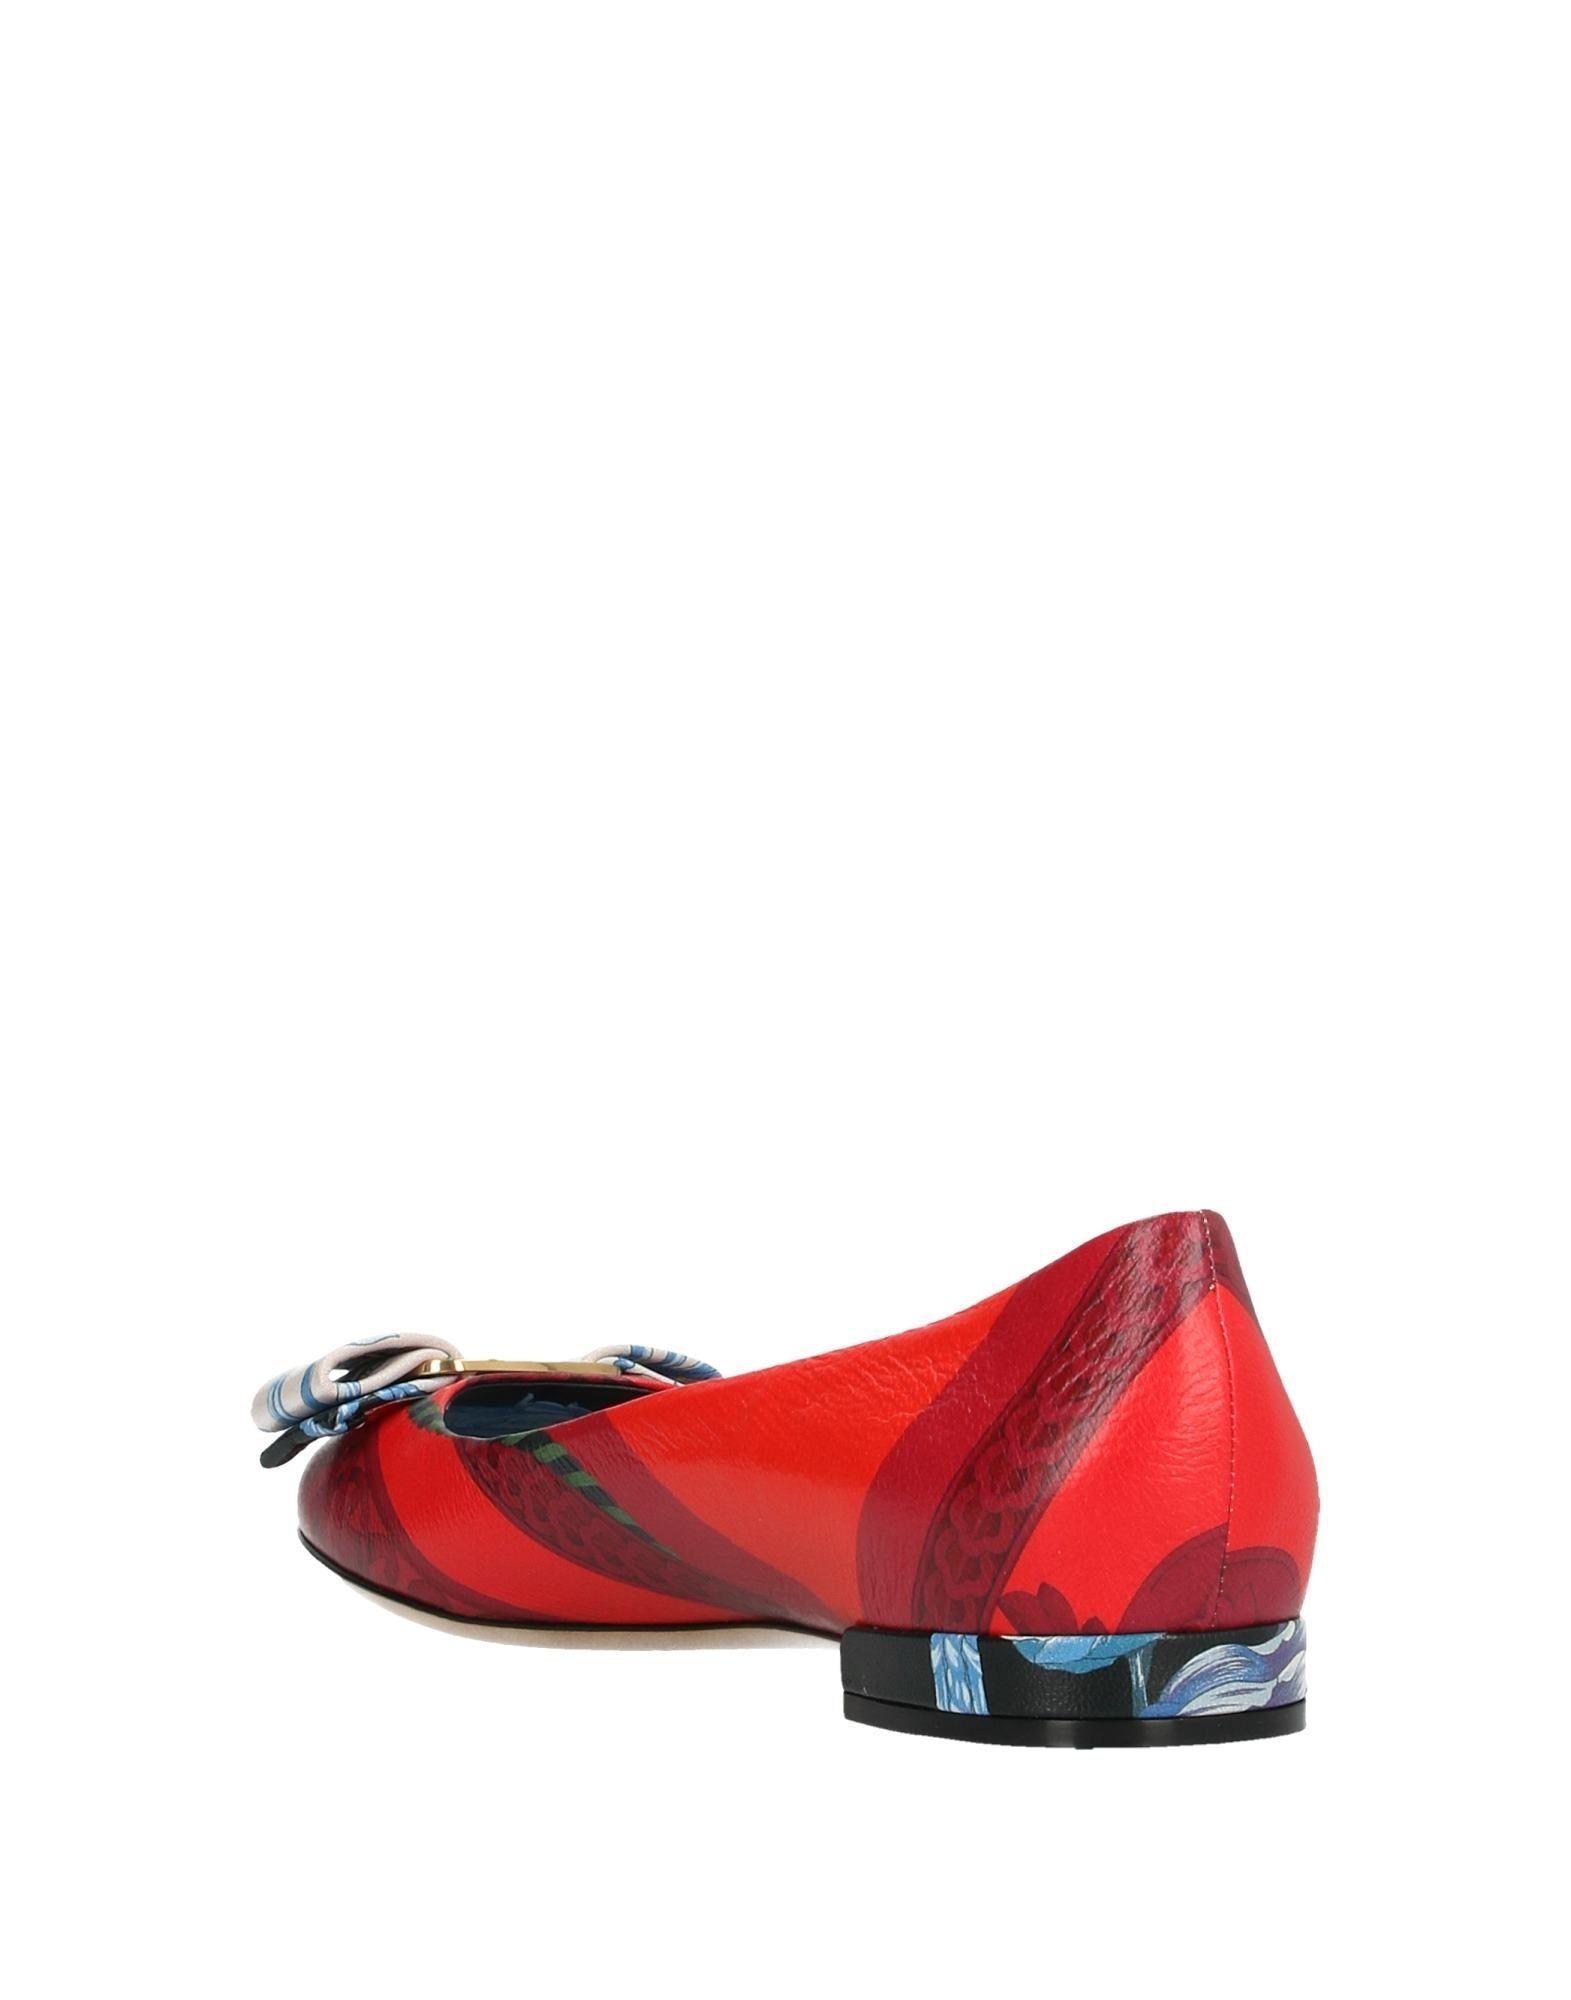 Bailarinas Ferragamo de Cuero de color Rojo